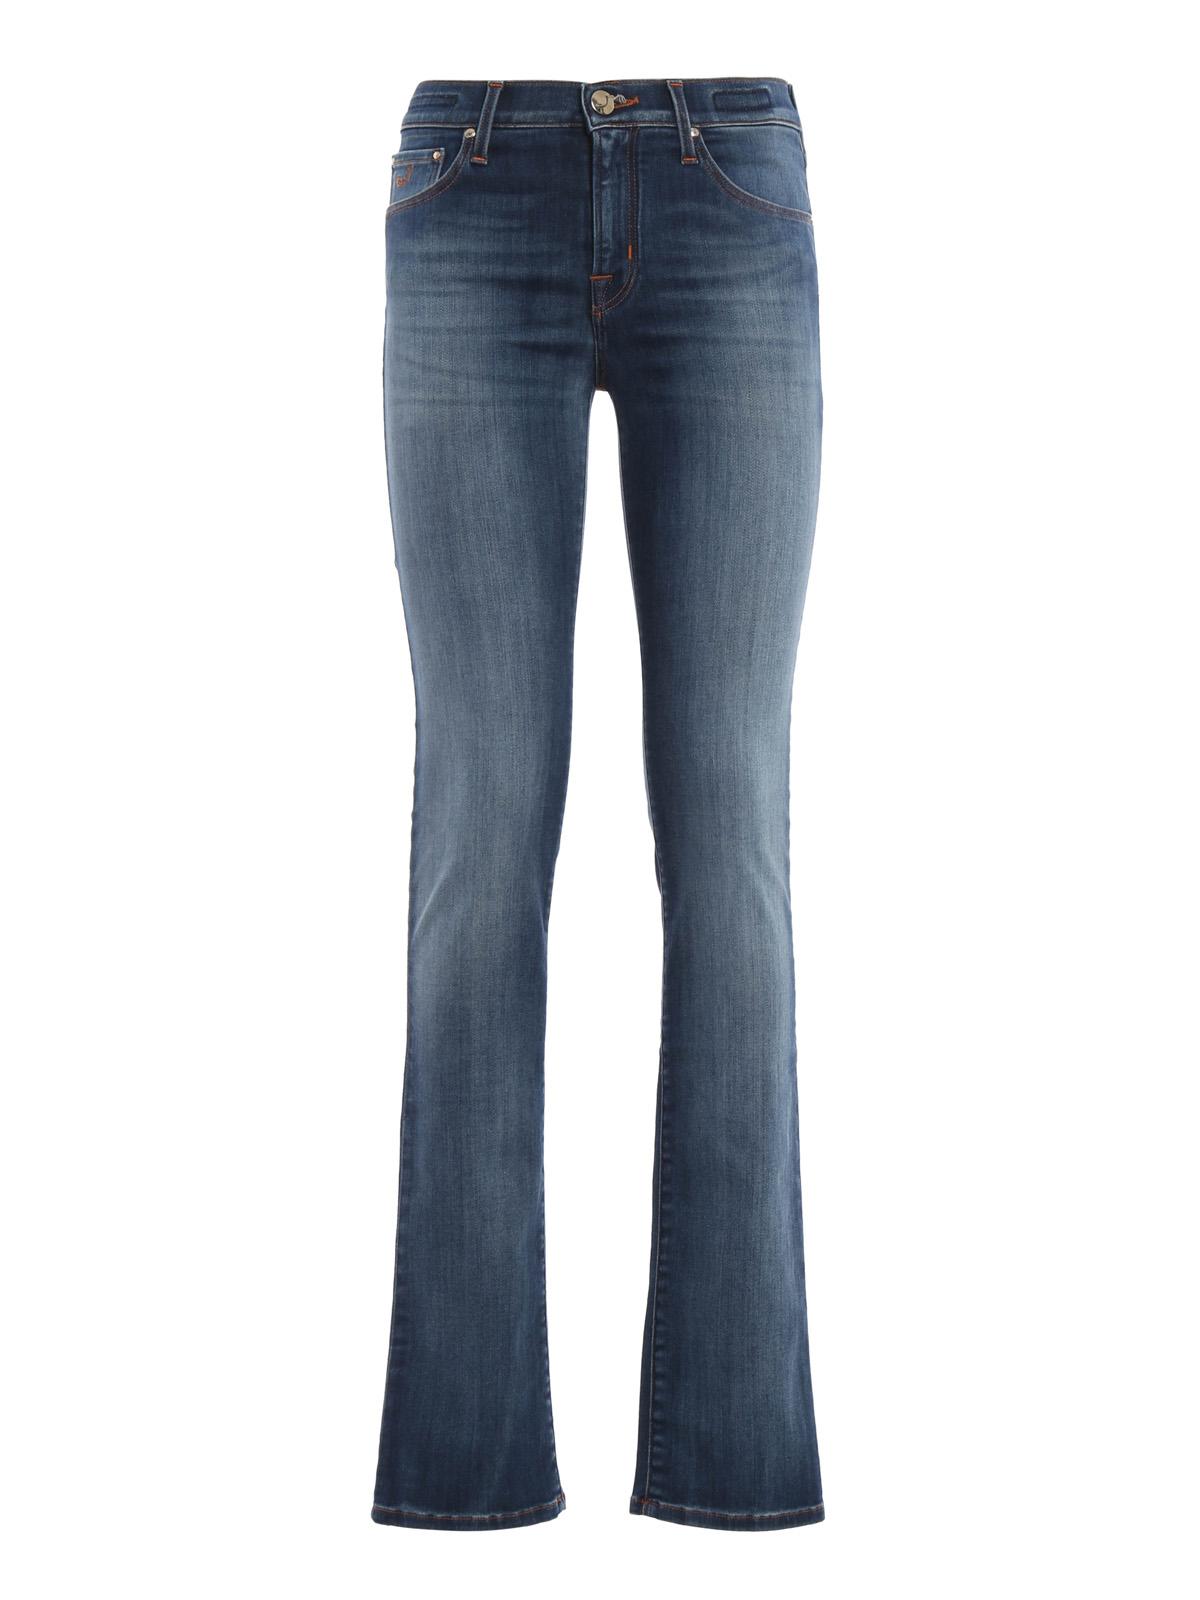 Stone wash denim jeans by jacob cohen straight leg jeans - Jacob cohen denim ...